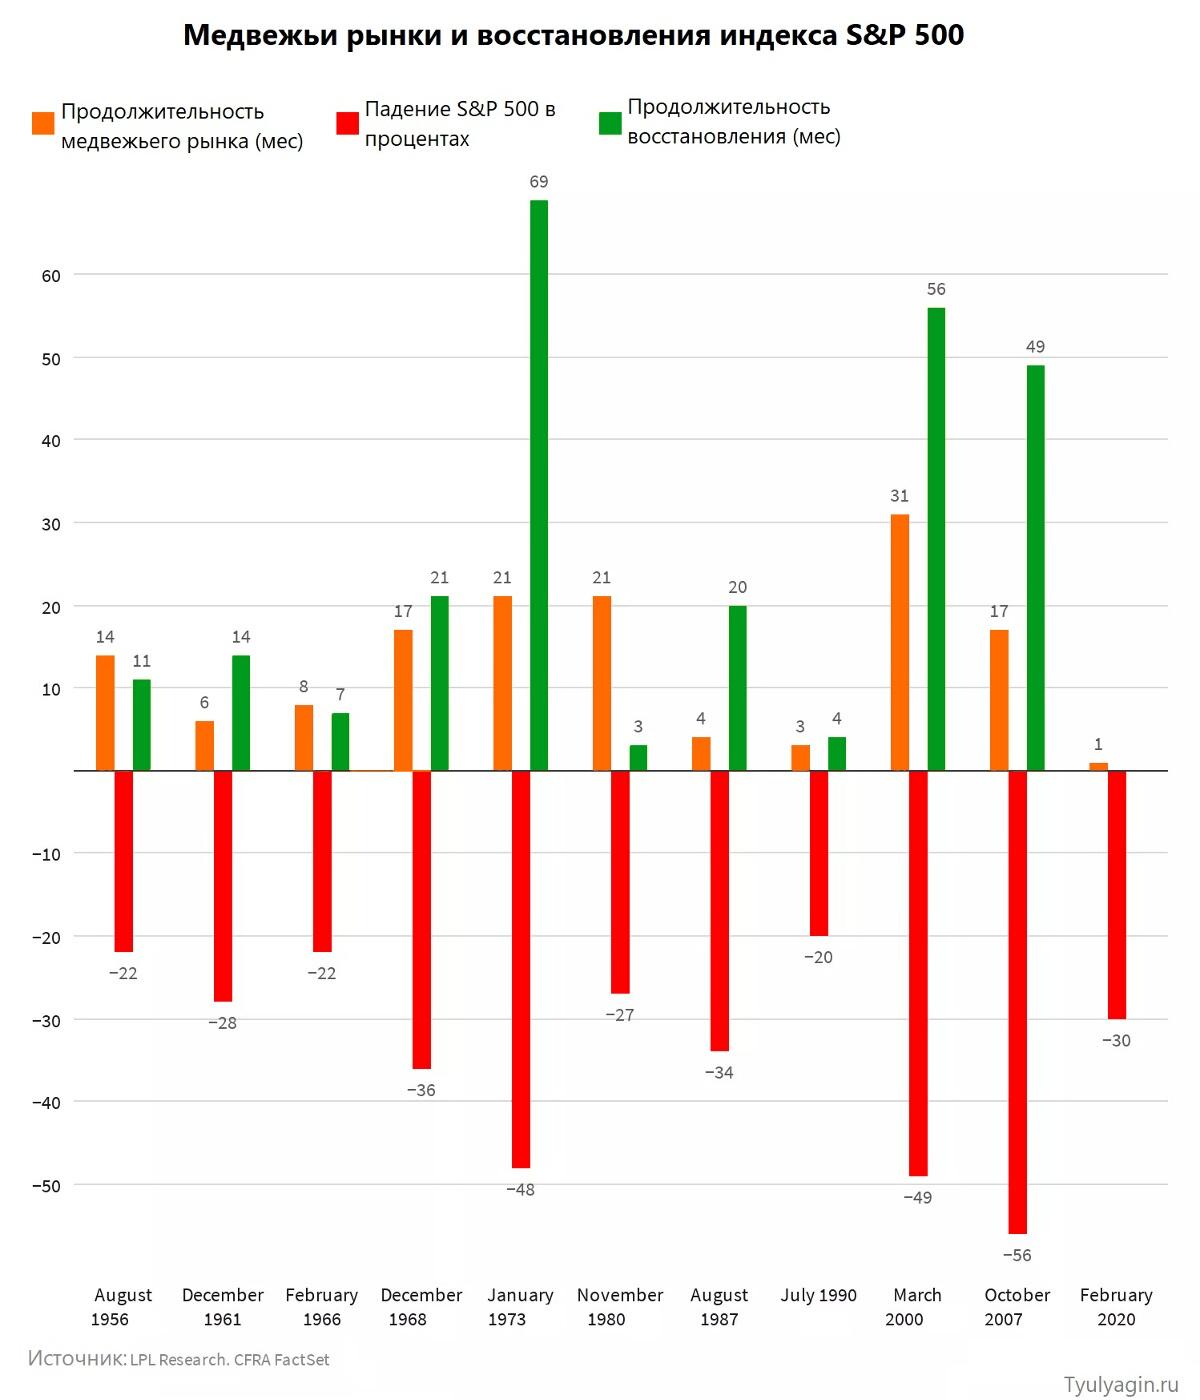 медвежьи рынки и восстановления индекса S&P 500